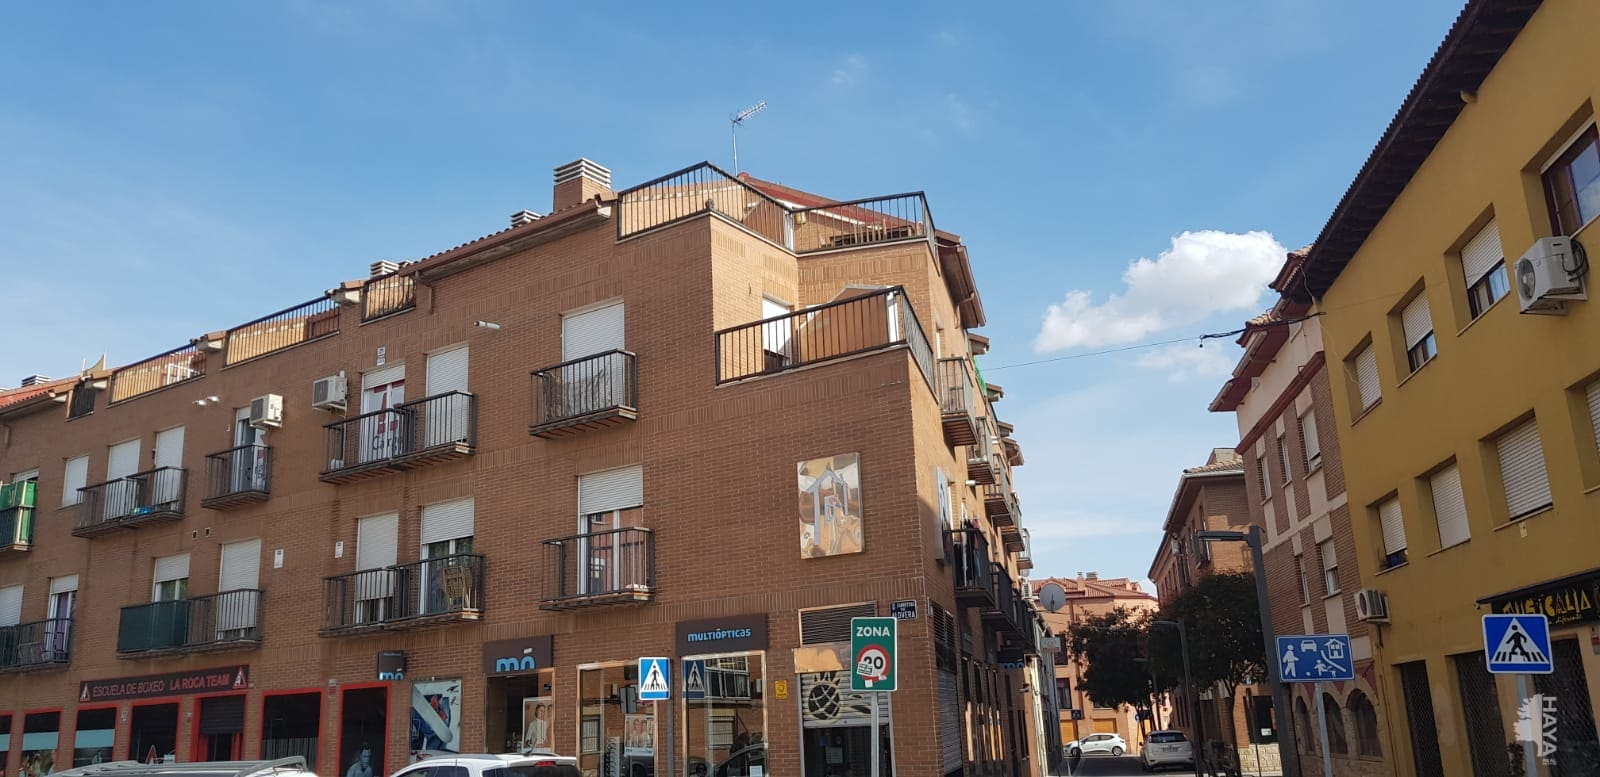 Piso en venta en Azuqueca de Henares, Guadalajara, Calle la Eras, 83.000 €, 1 habitación, 1 baño, 79 m2